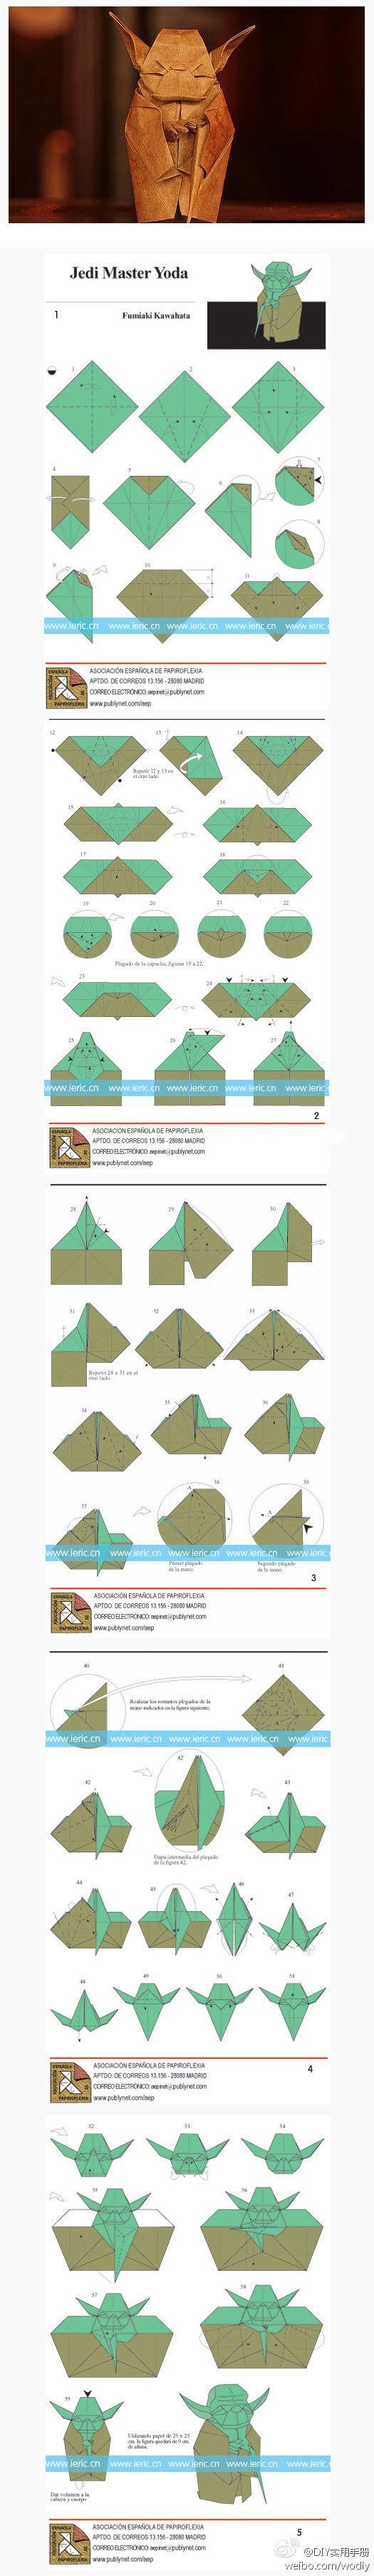 master yoda origami                                                                                                                                                      Más